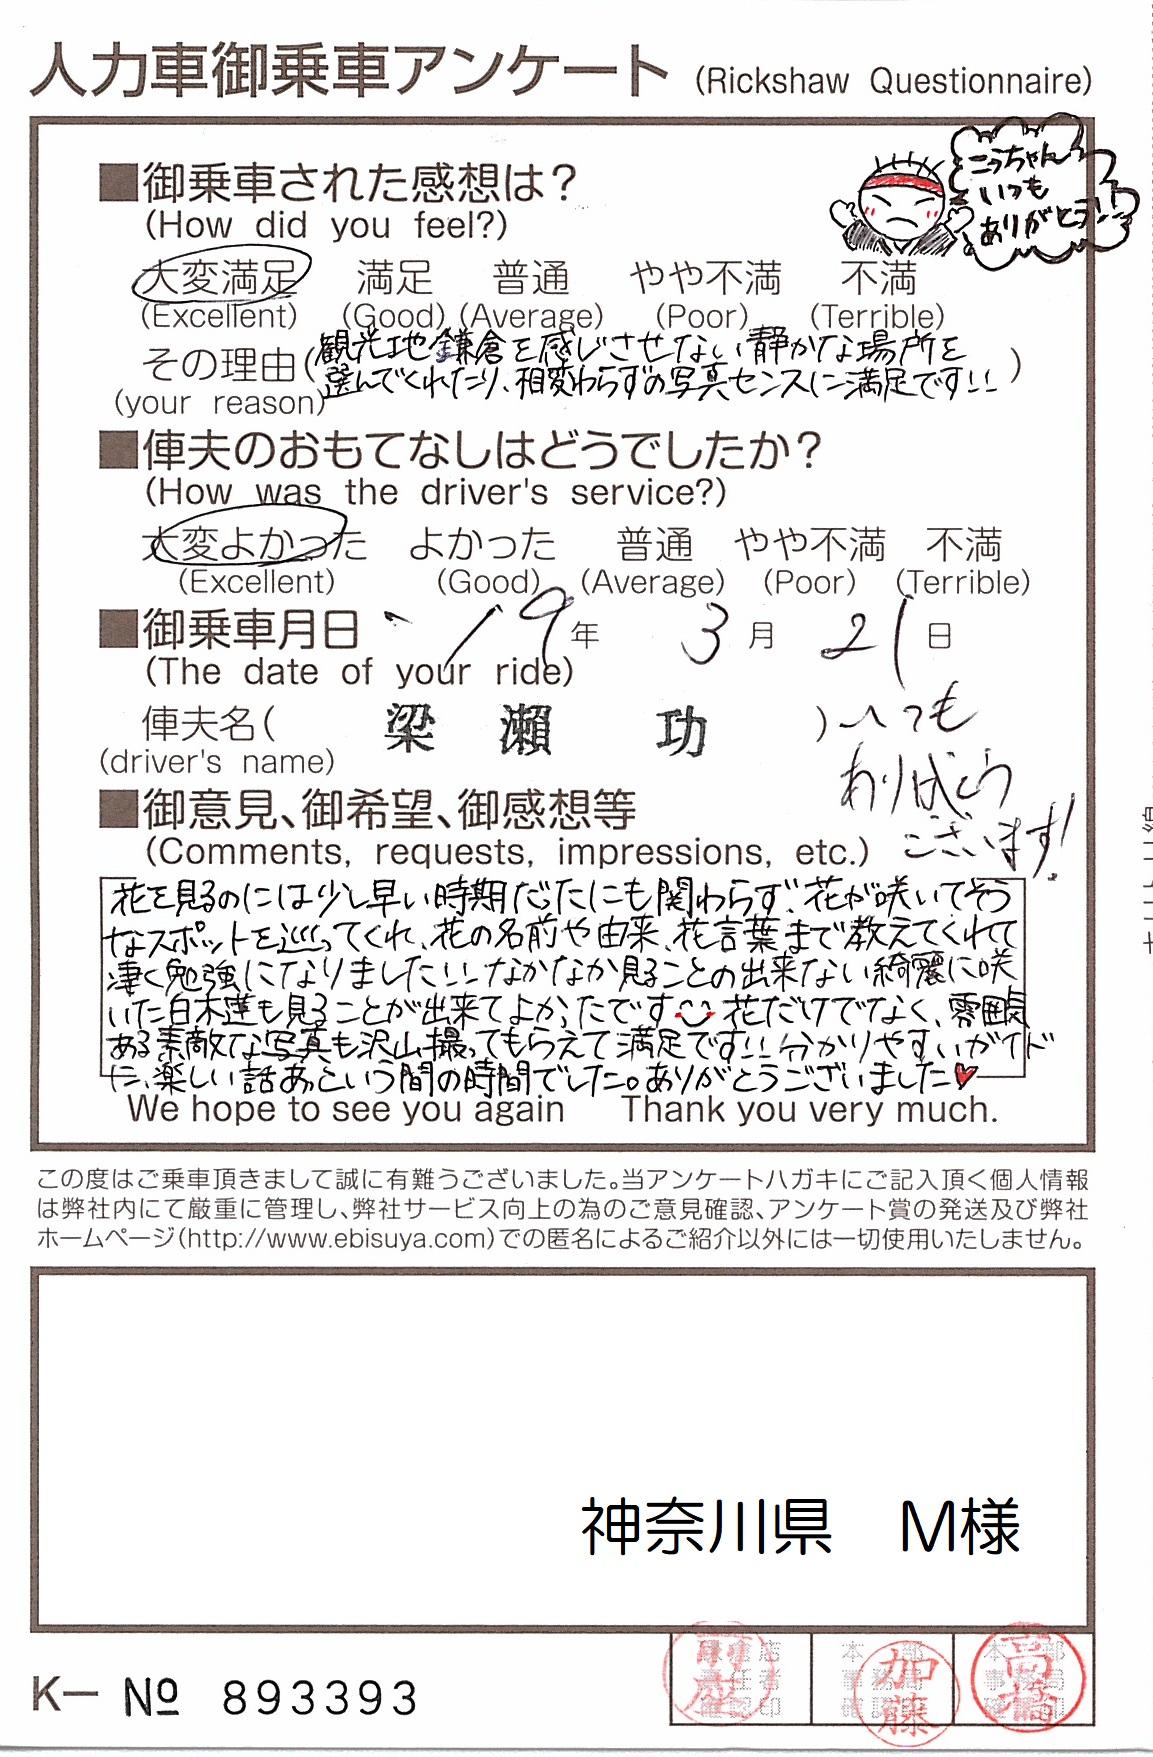 神奈川県 M様